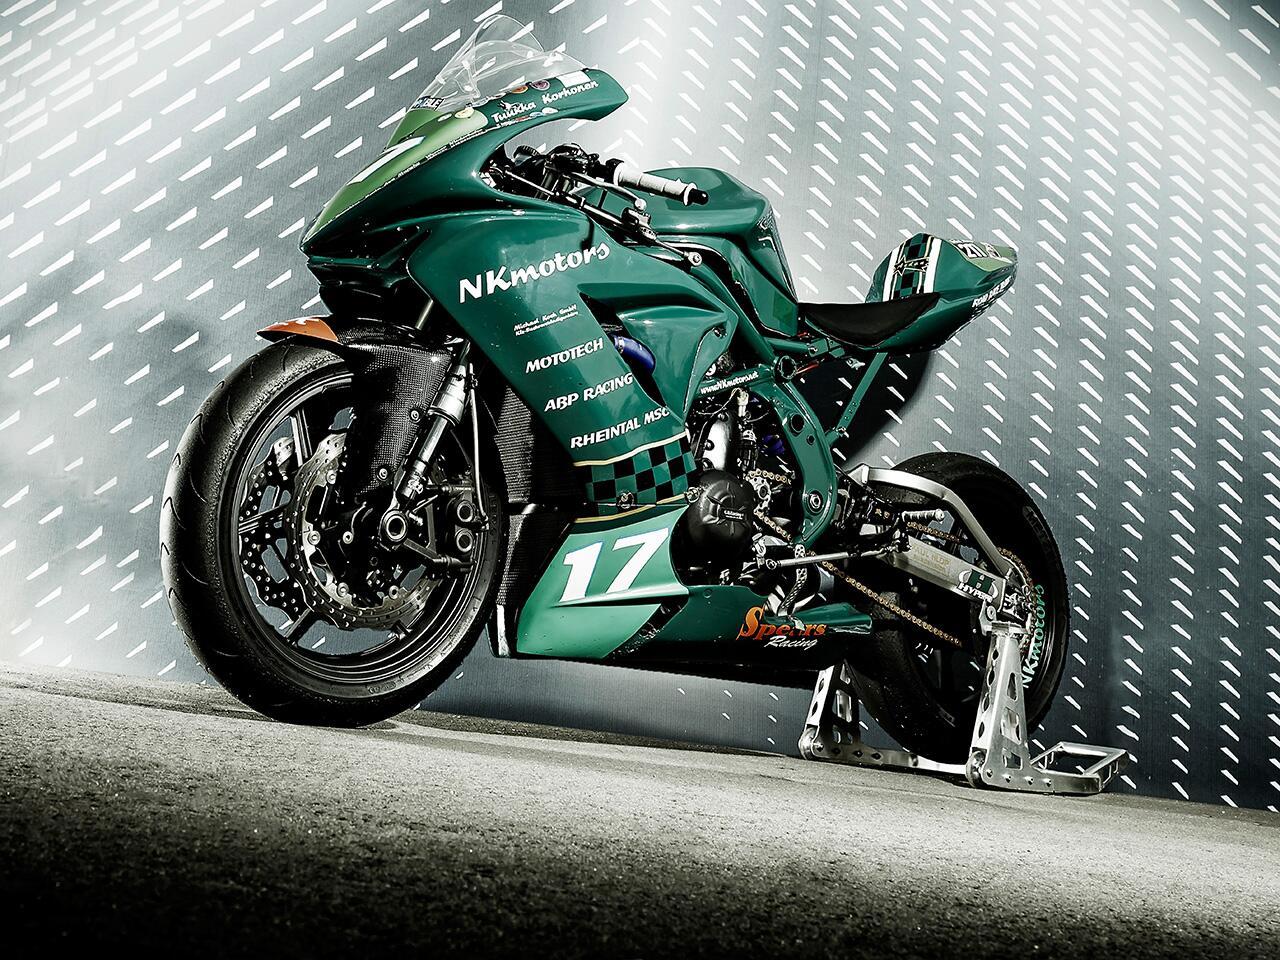 Bild zu NKmotors Kawasaki ER6n